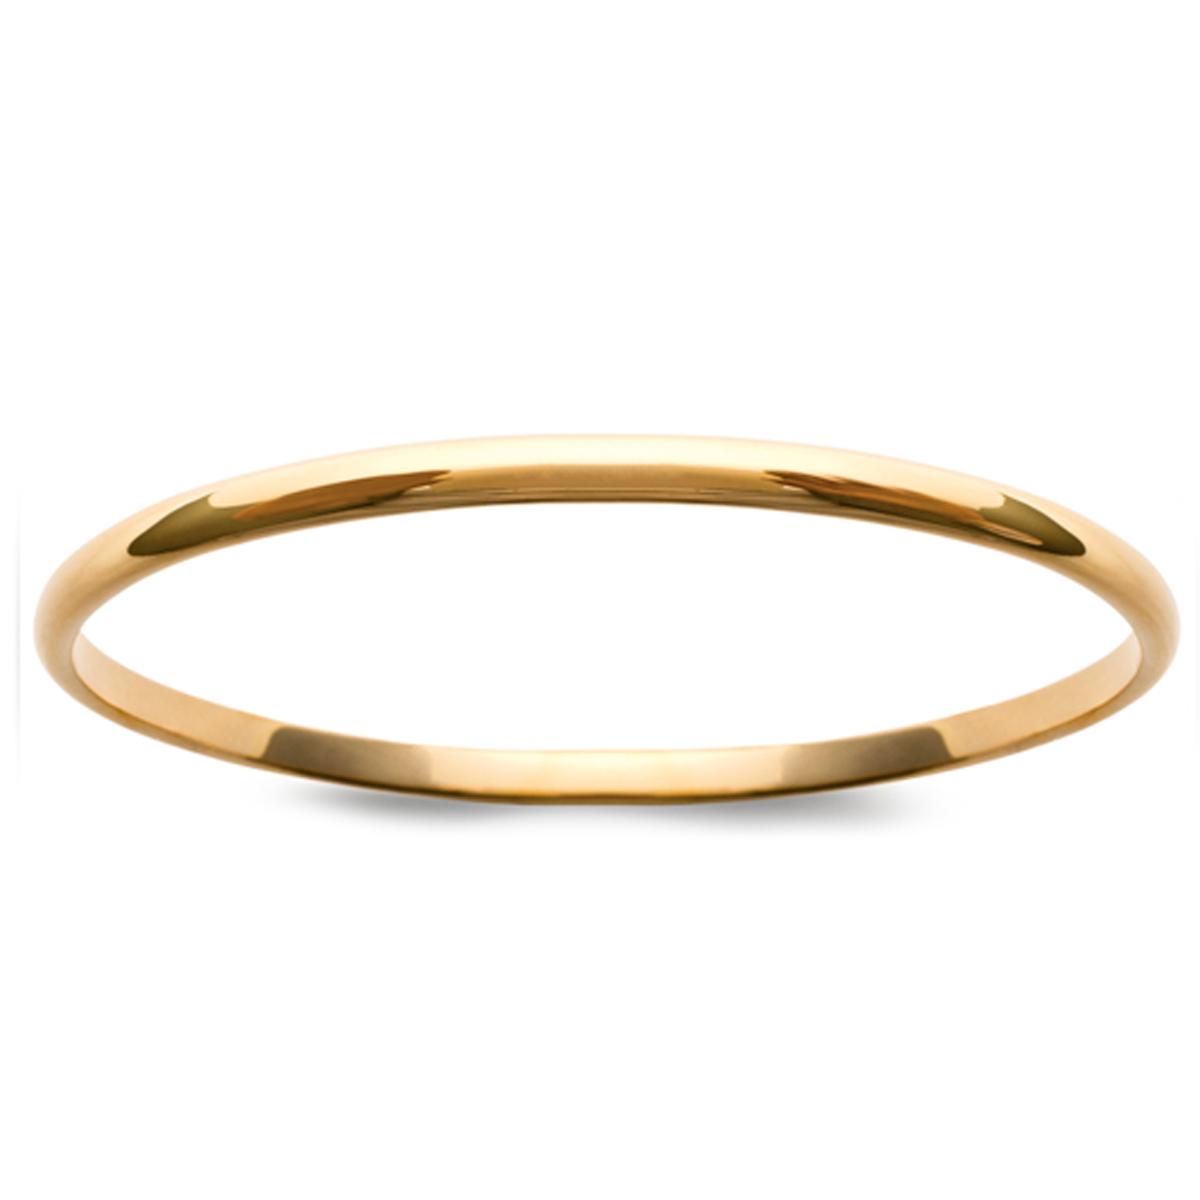 Bracelet Plaqué Or \'Demi-Jonc\' doré - 66 mm 4 mm - [J9366]